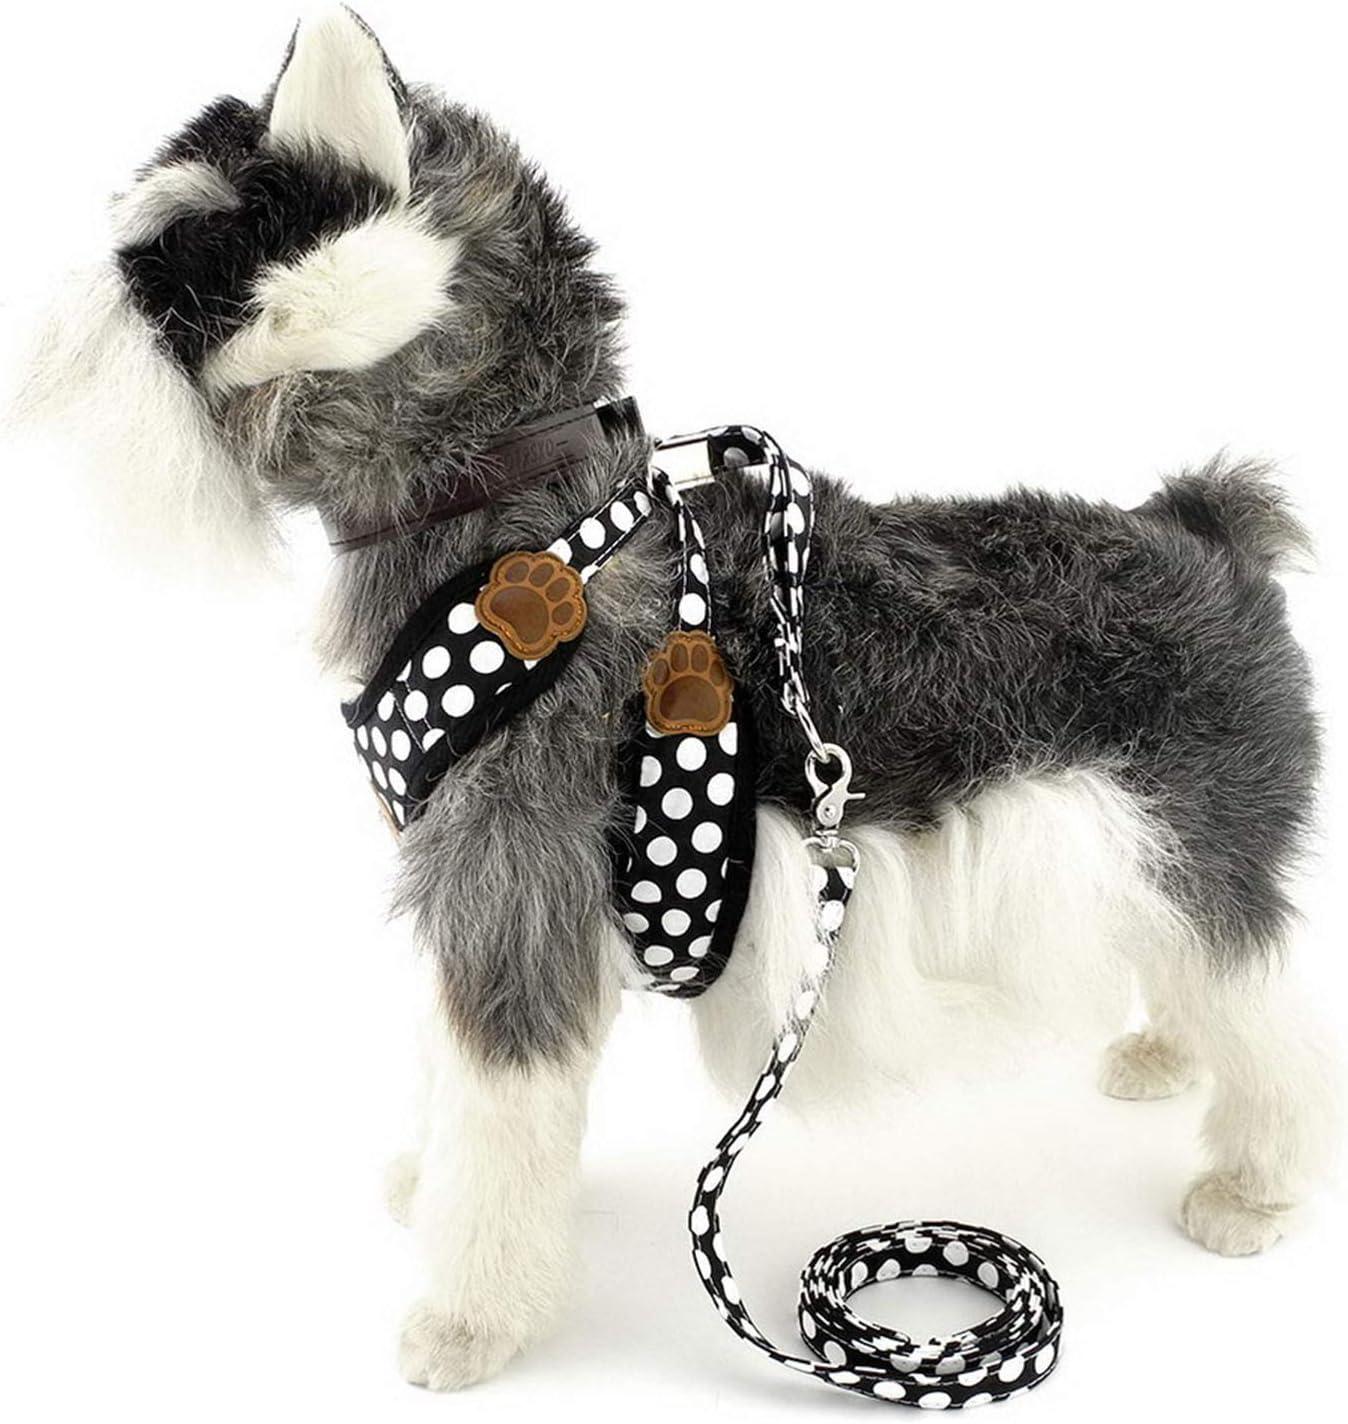 Zunea Nylon Weich Mesh atmungsaktiv Pet Welpe Kleiner Hund Cat Weste Geschirr und Leine f/ührt verstellbar ohne Pull Walking Kontrolle